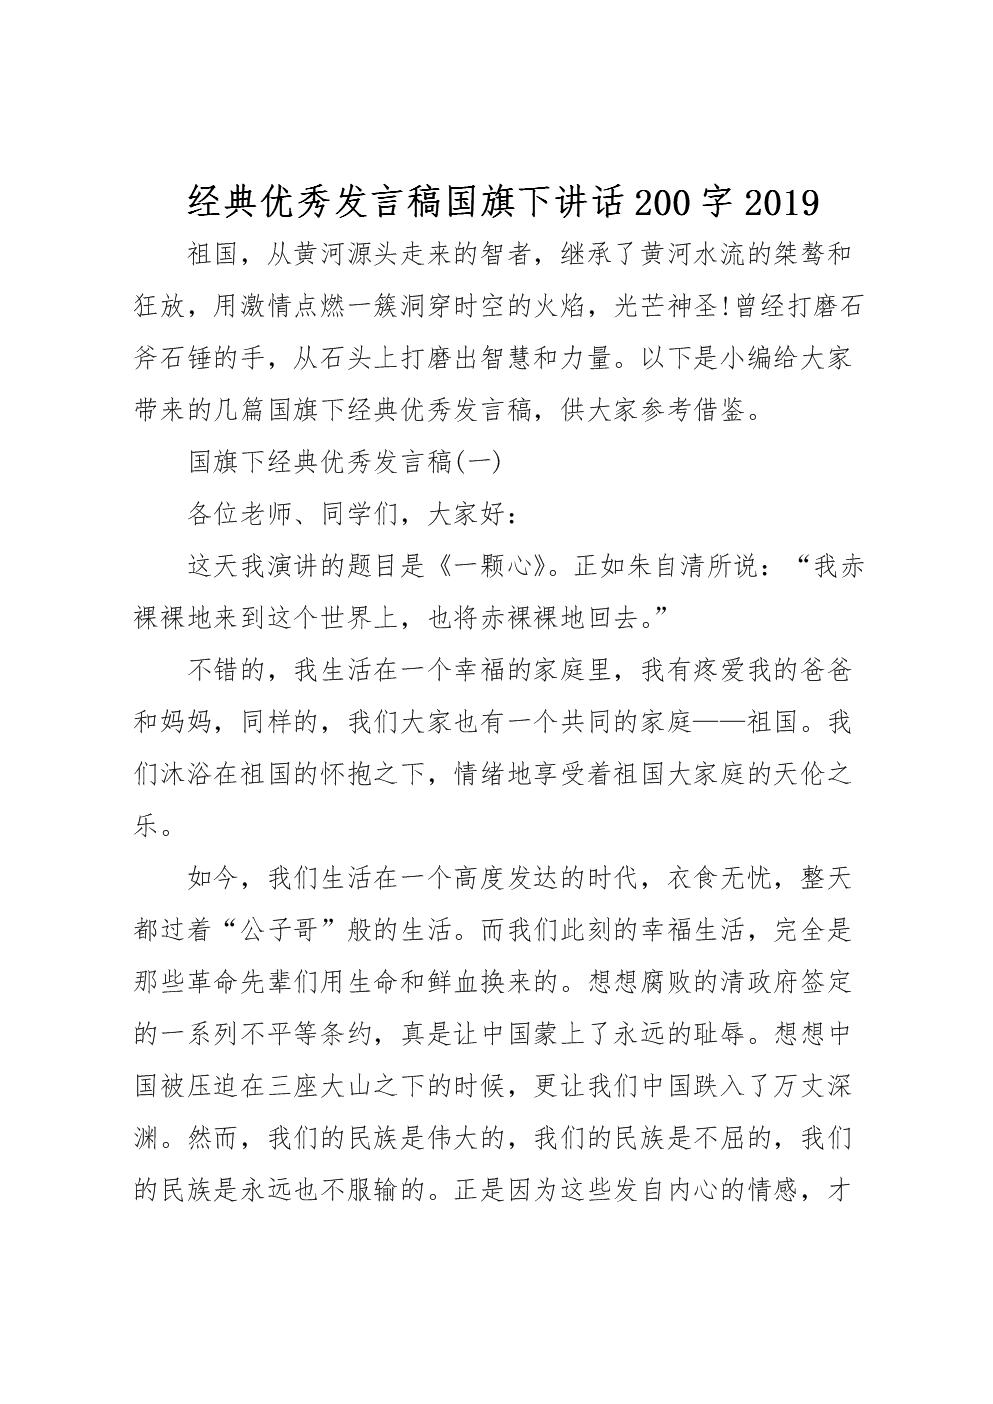 经典优秀发言稿国旗下讲话200字2019.doc